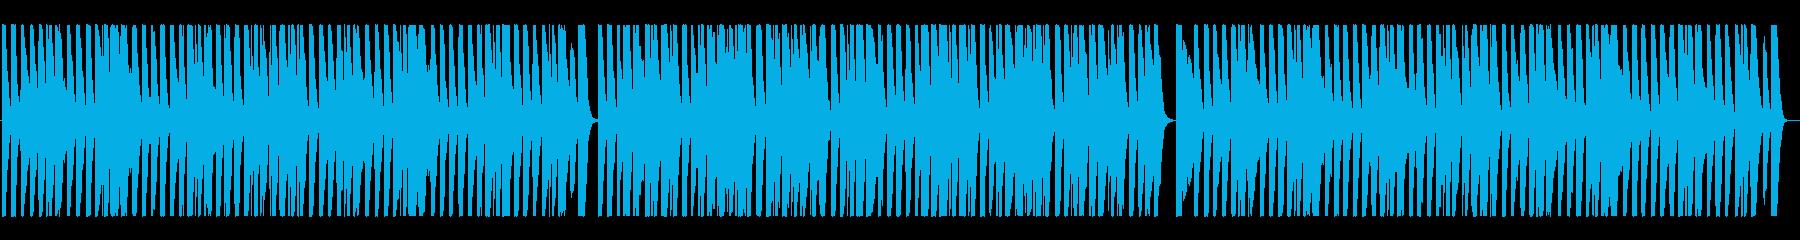 陽気な「ジングルベル」ラグタイムジャズの再生済みの波形